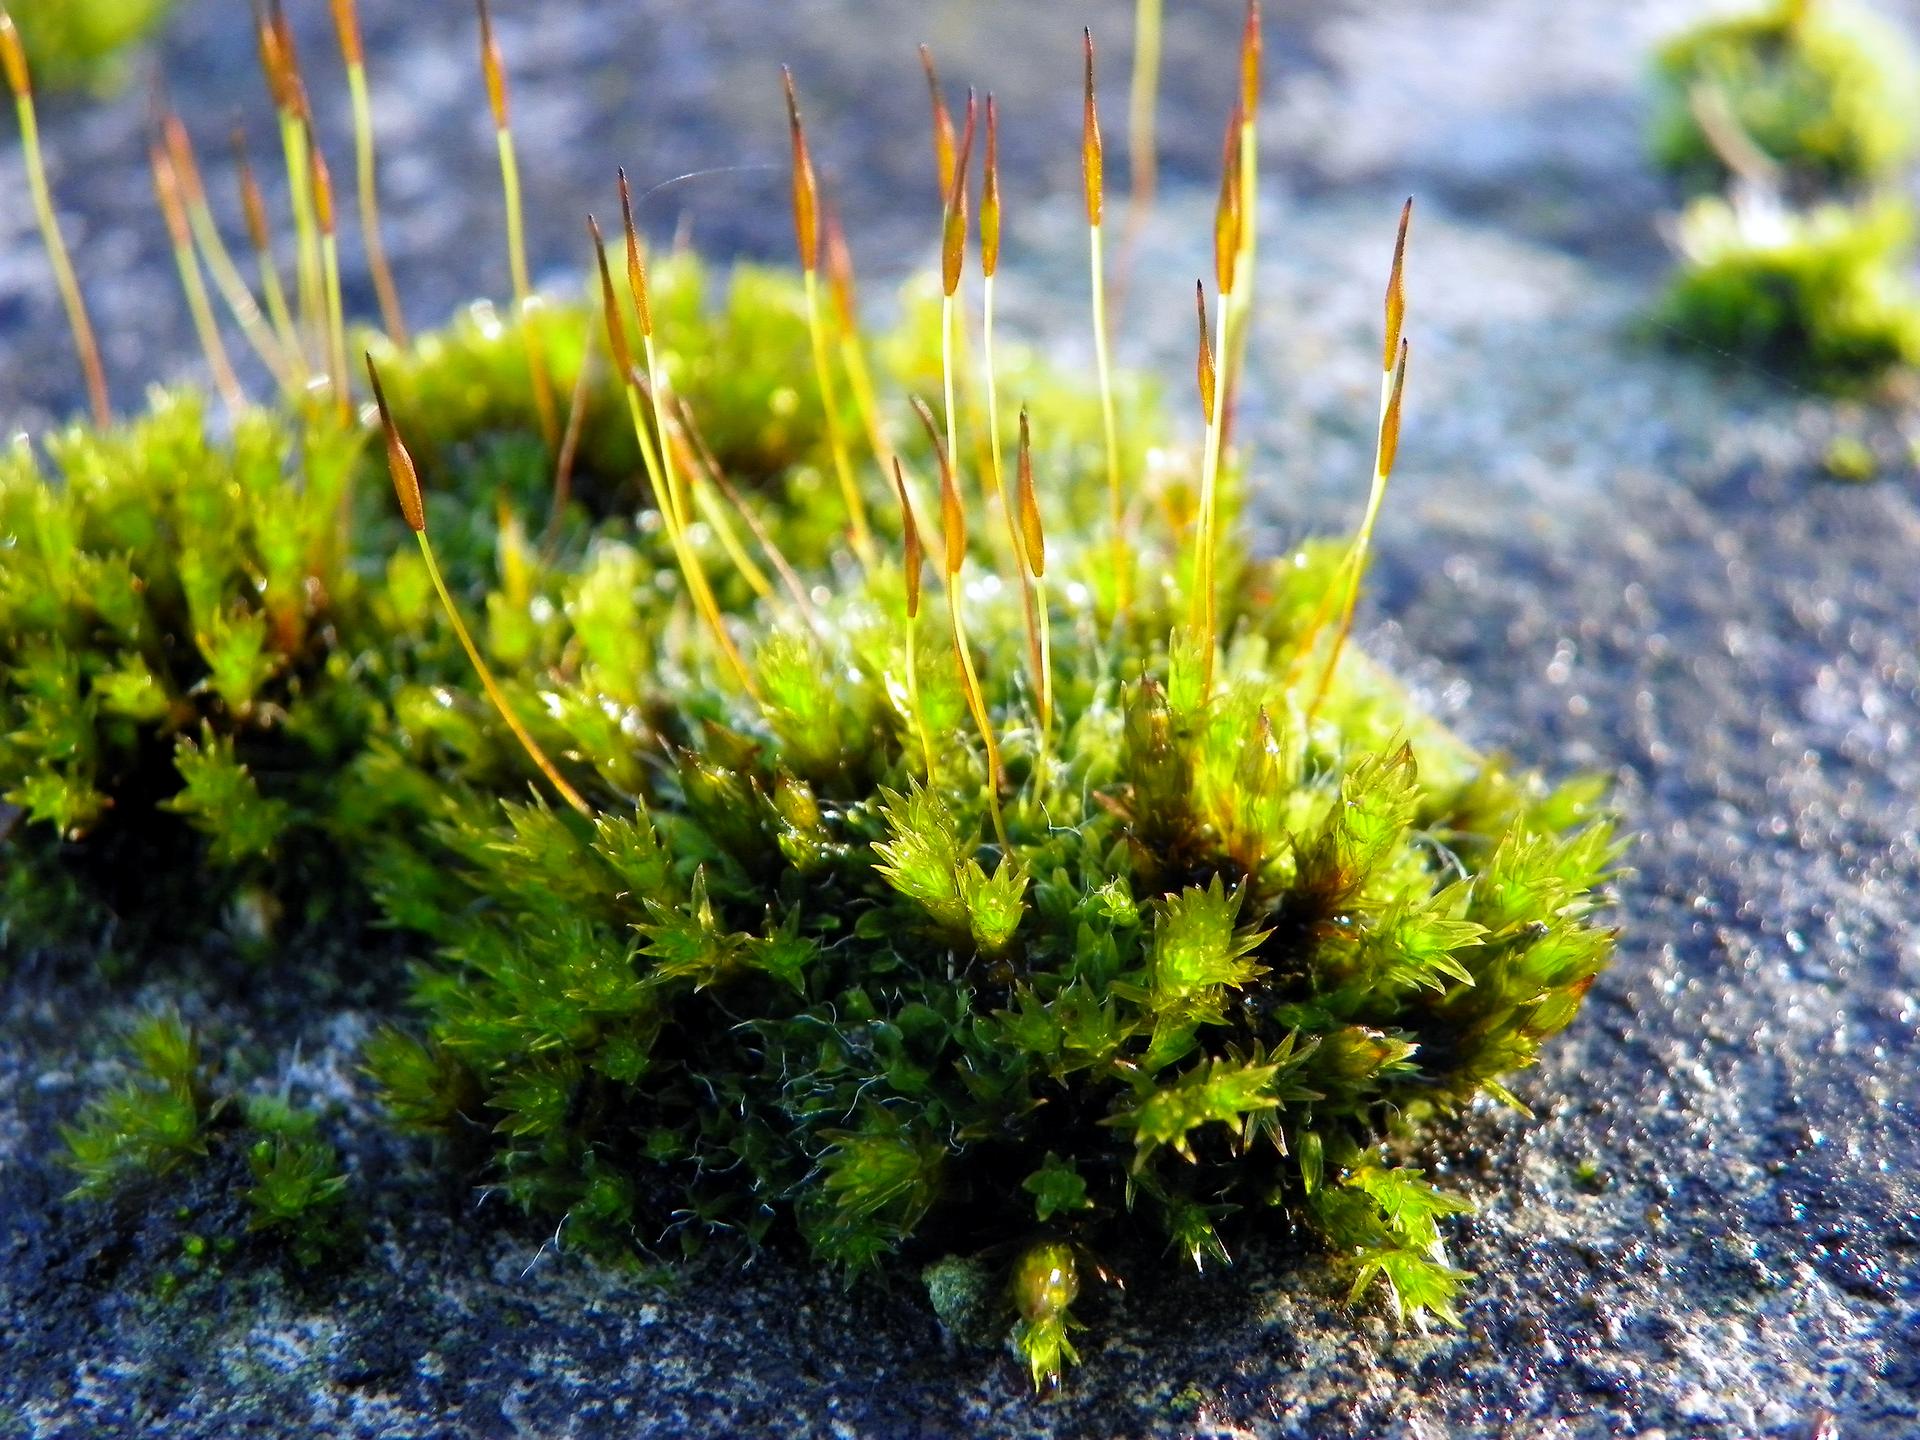 Fotografia przedstawia kępę mchu. Kępa skłąda się zkilkudziesięciu roślin tworzących zbitą kepę. Wyrastają zniej pozbawione lisktów łodyżki zakończone owalnymi zarodniami.